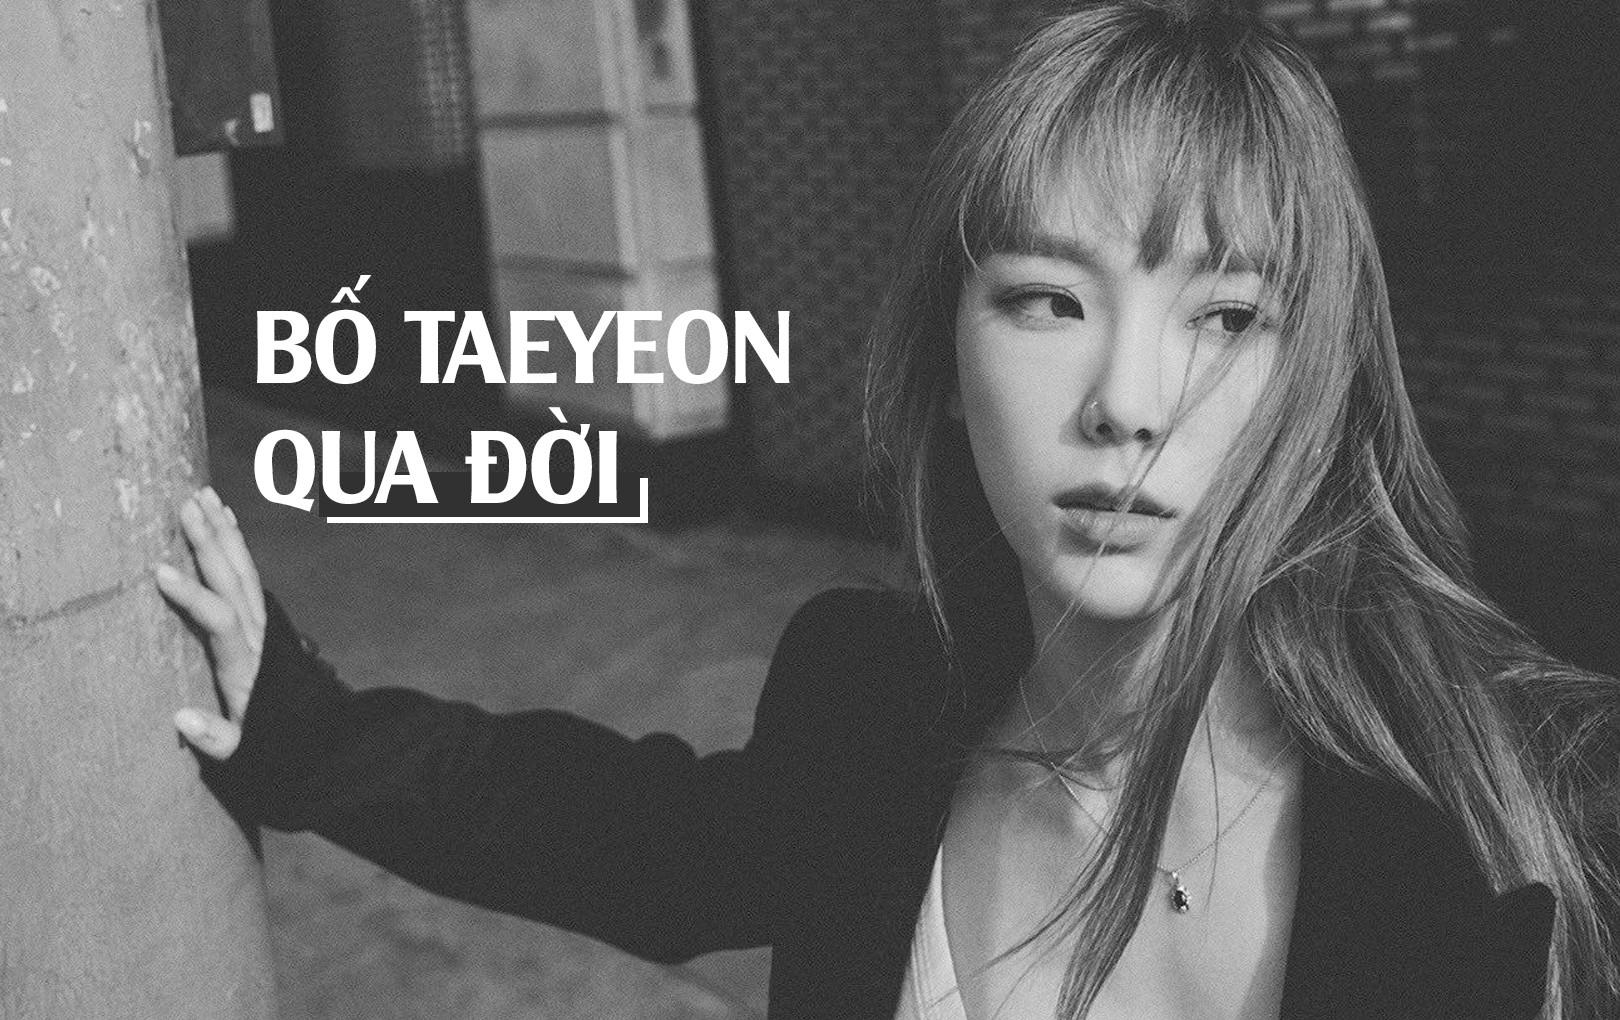 Bố Taeyeon (SNSD) đột ngột qua đời đúng ngày sinh nhật của cô, màn comeback hôm nay phải hoãn lại